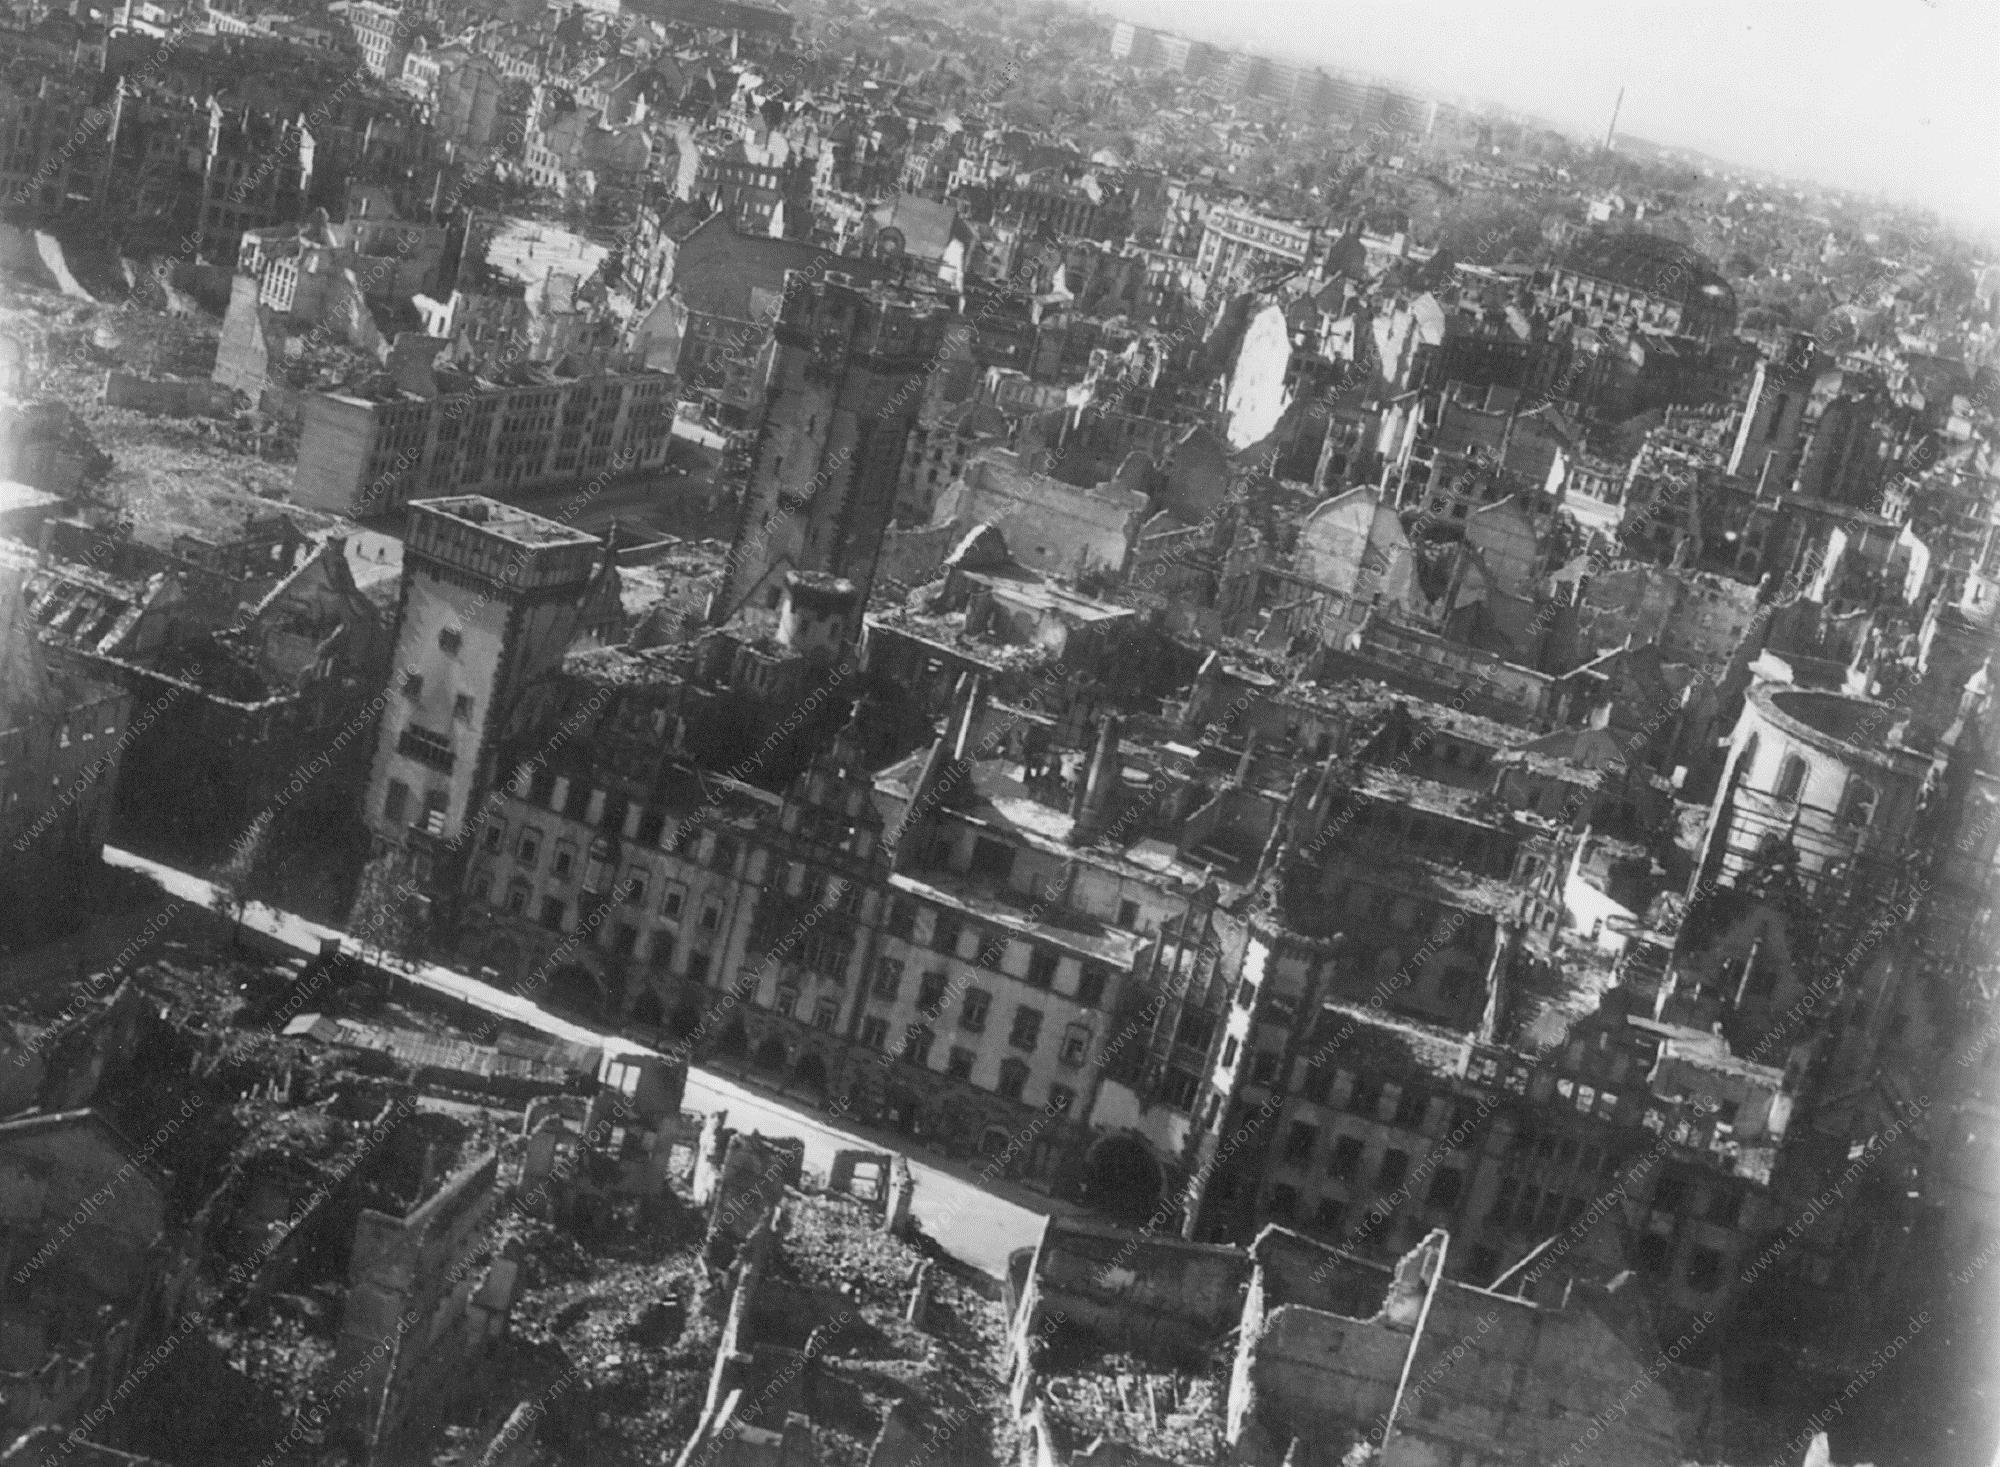 Frankfurt am Main Luftbild mit Blick auf das Rathaus in der Limpurgergasse